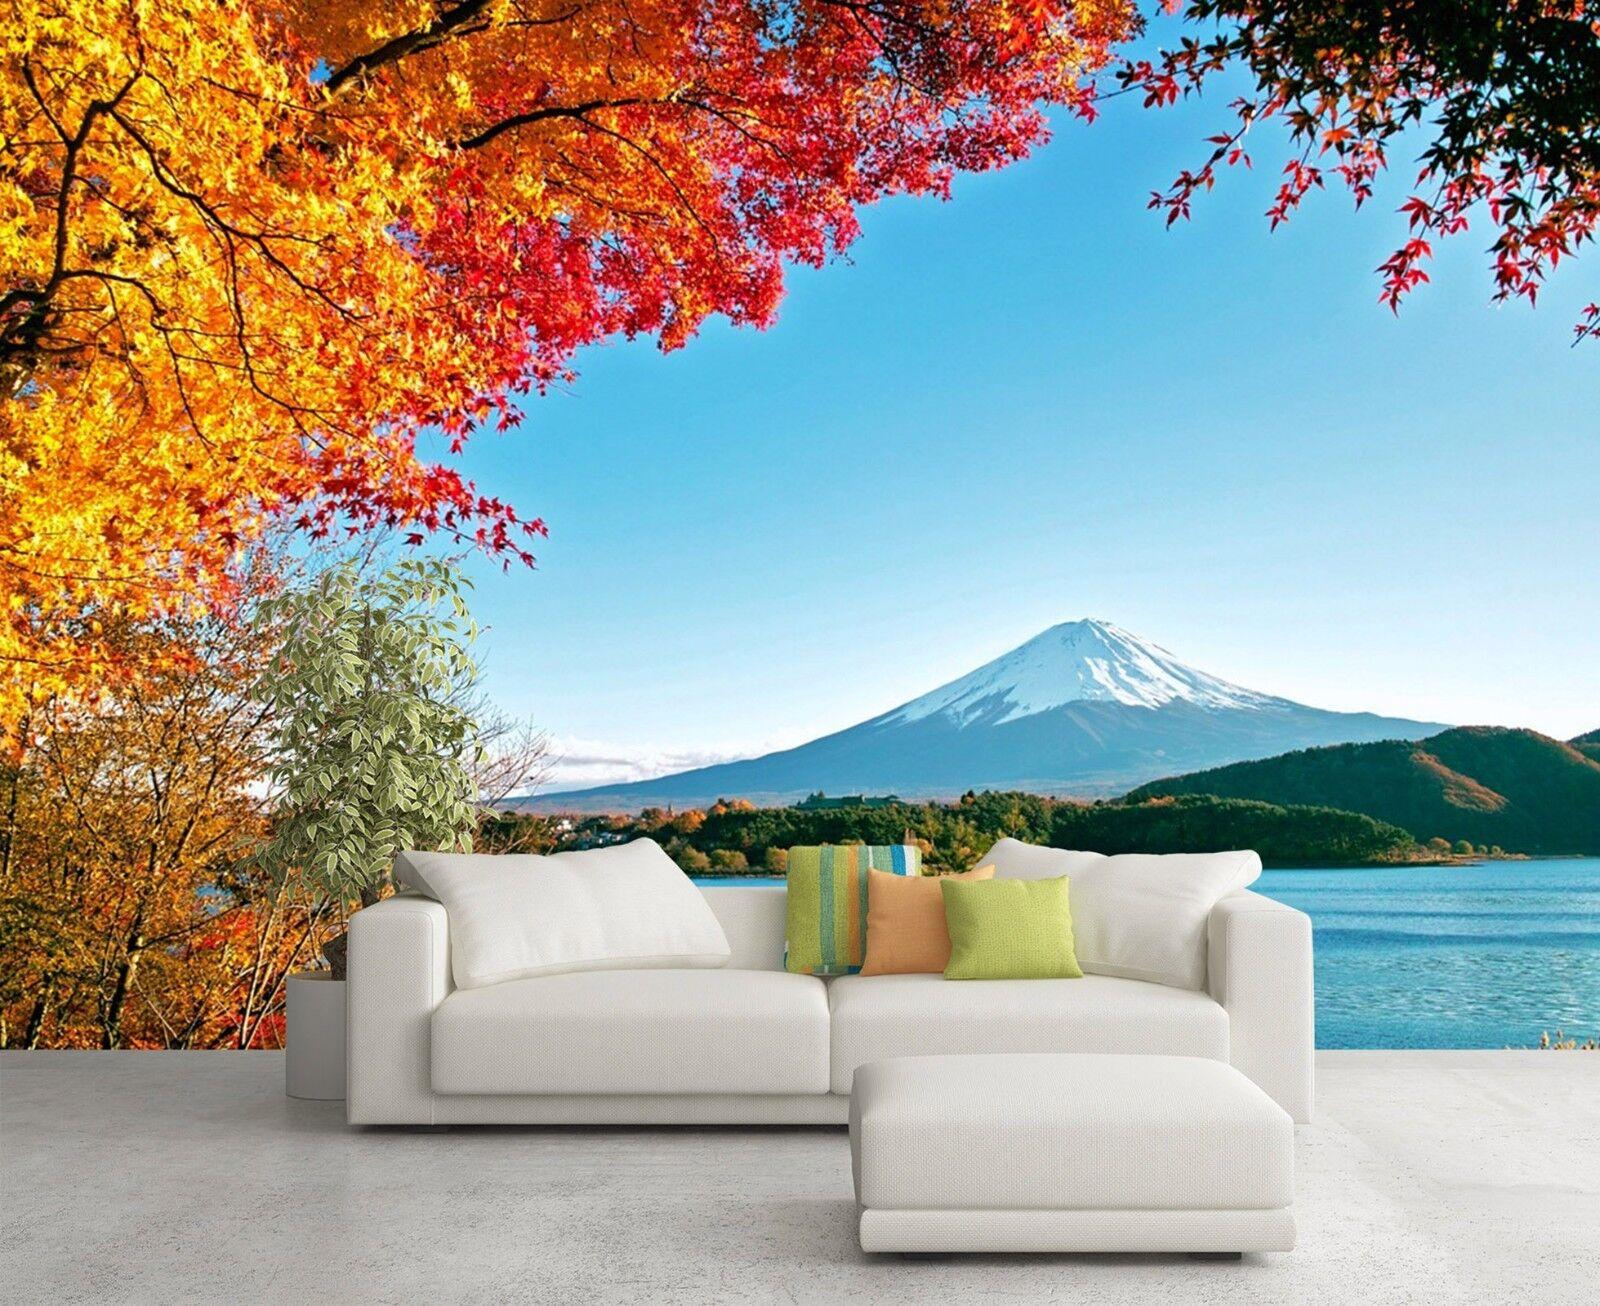 3D Herbst Landschaft 8732 8732 8732 Tapete Wandgemälde Tapeten Bild Familie DE Lemon | Preisreduktion  | Gewinnen Sie das Lob der Kunden  |  f77952